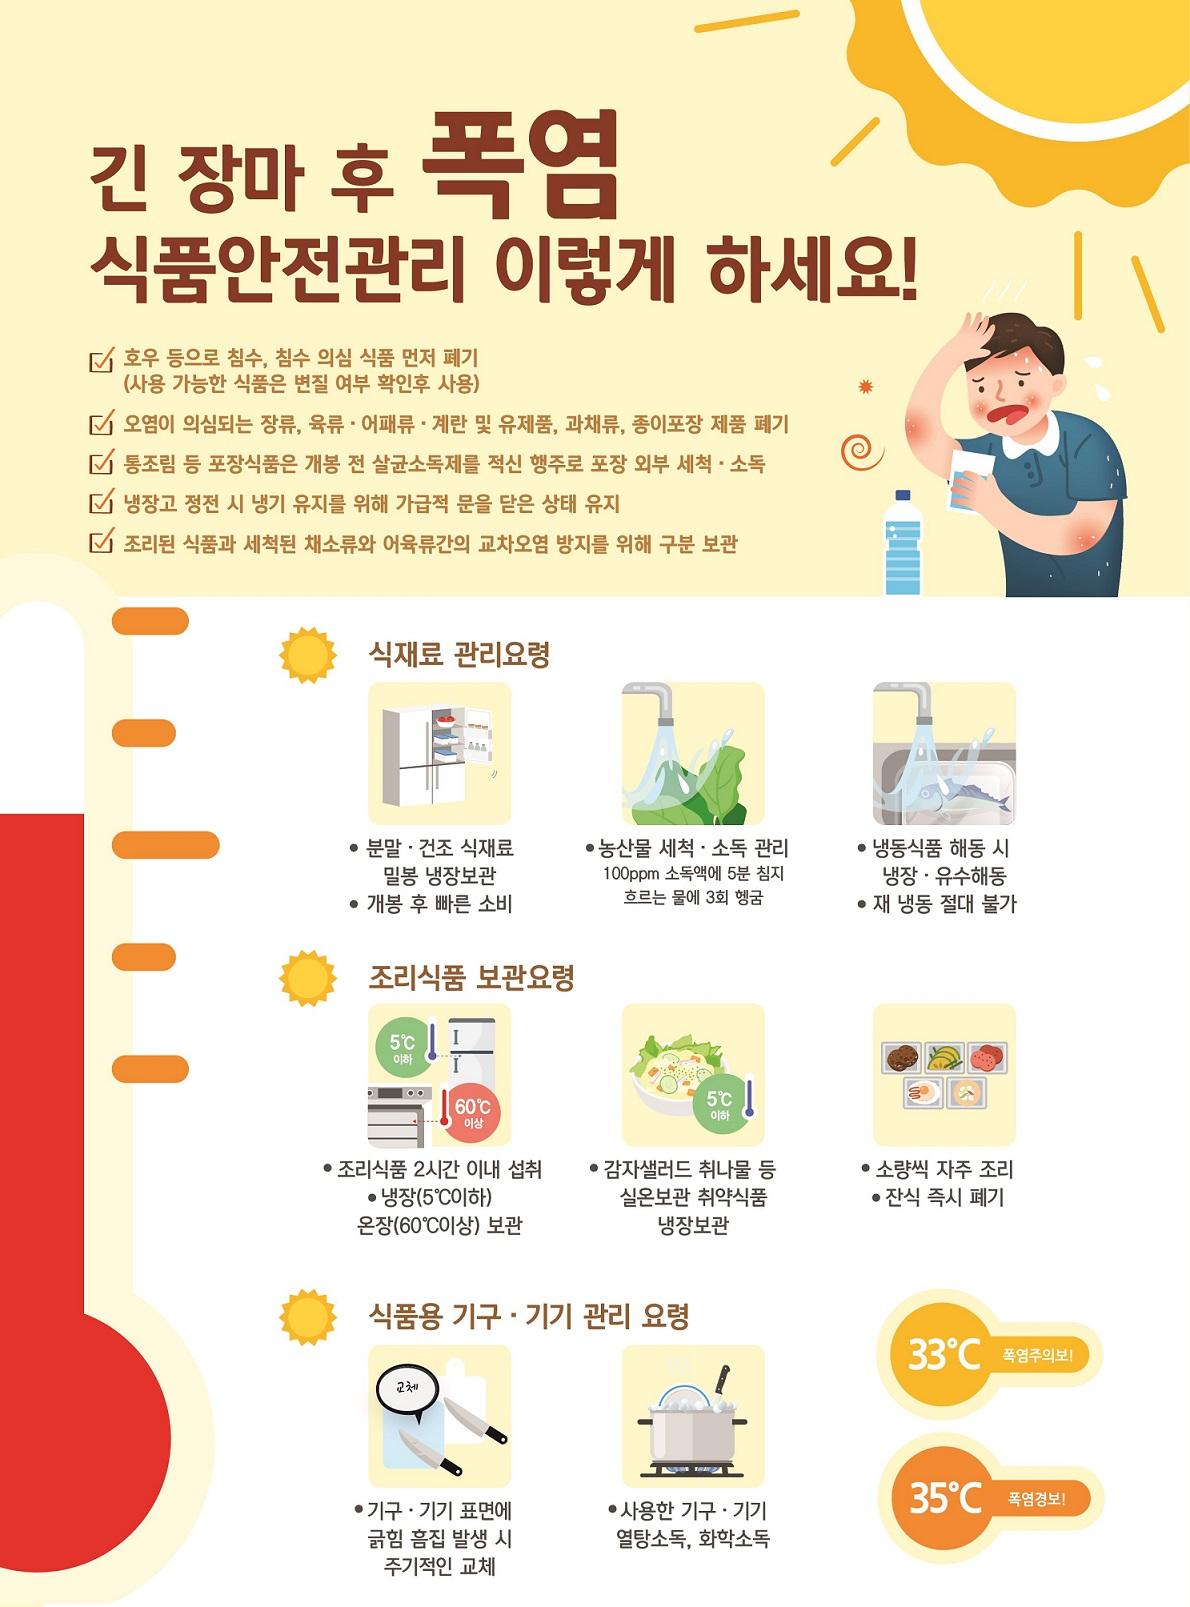 9월 폭염+식중독+예방+관리1.jpg